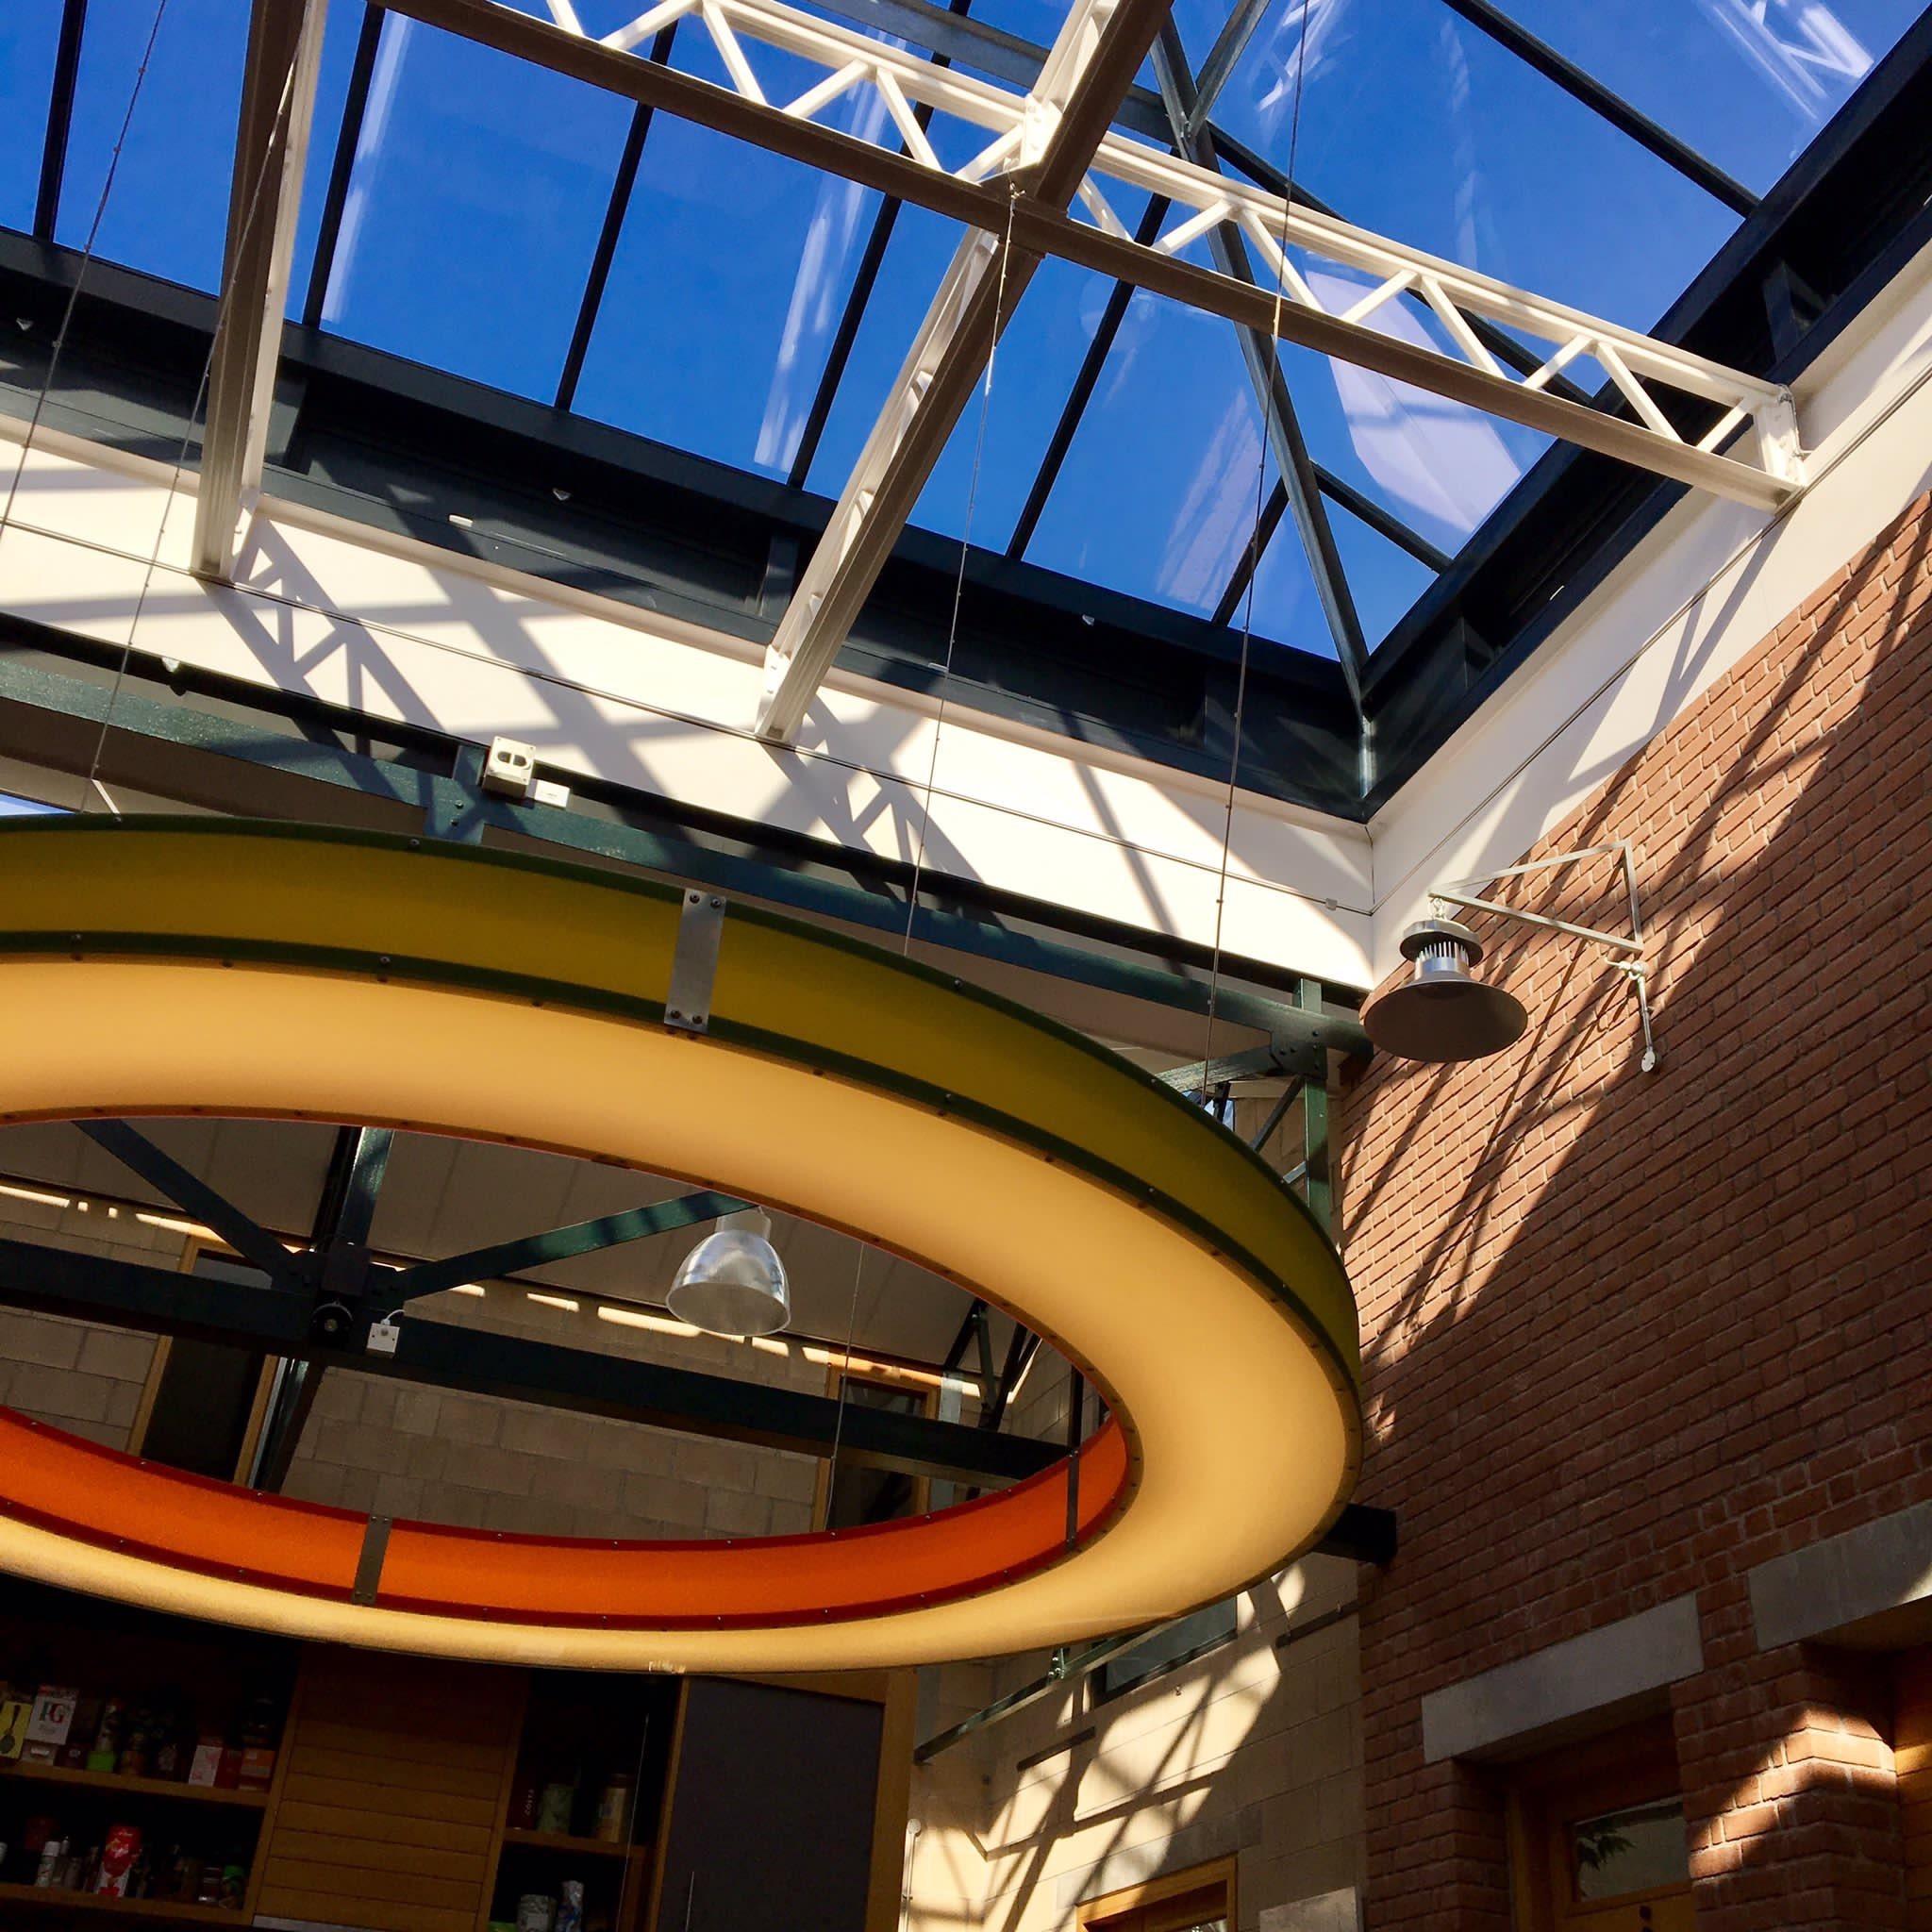 eleanor-bell-designer-maker-bespoke-office-lighting-ring-light-atrium.jpg